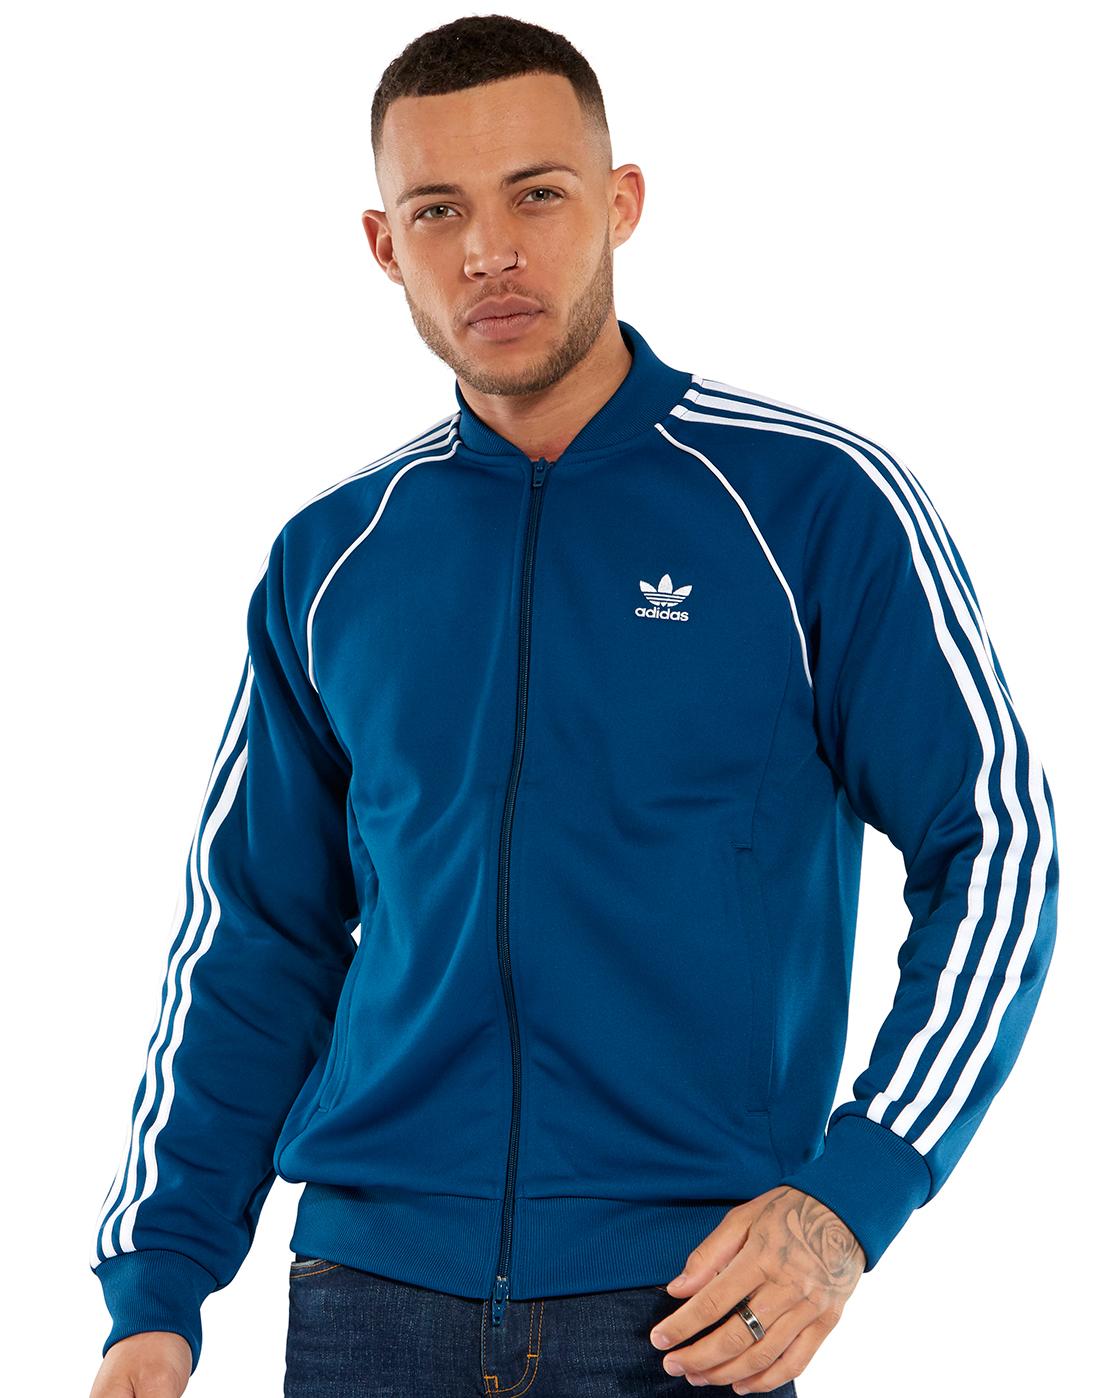 422f42841a71 Men s Navy adidas Originals Superstar Track Top